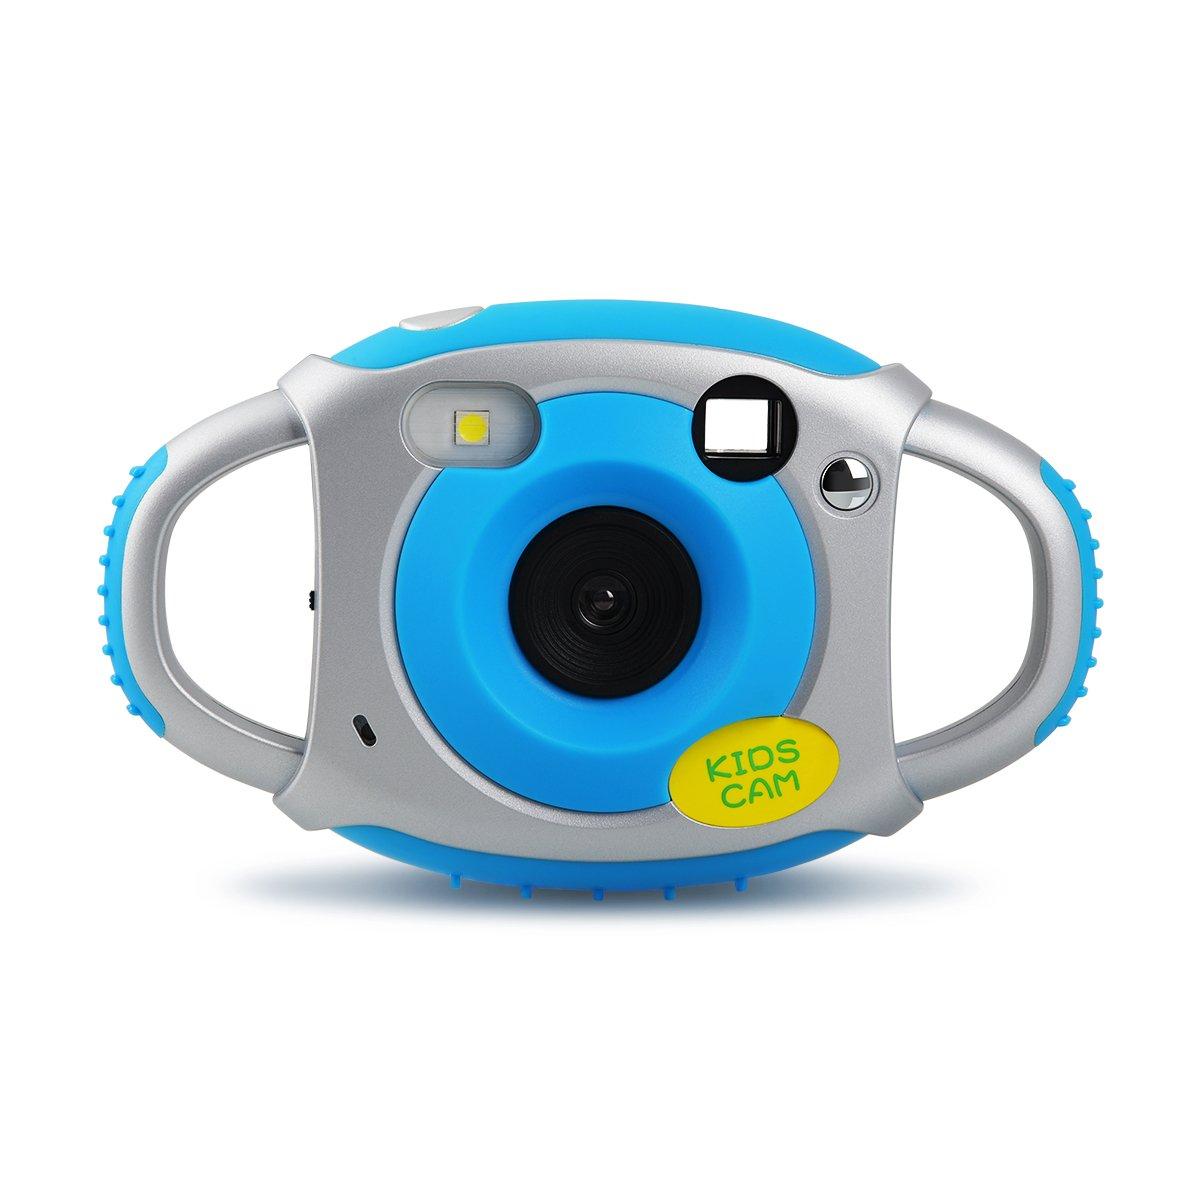 Upgrow Kinder Digital Kamera 1.77' Bildschirm 5 Megapixel Kidizoom Mini Action Camcorder Digitalkamera, Spielzeug und Geschenk für Kinder (Blau) Kamera Kinder blau